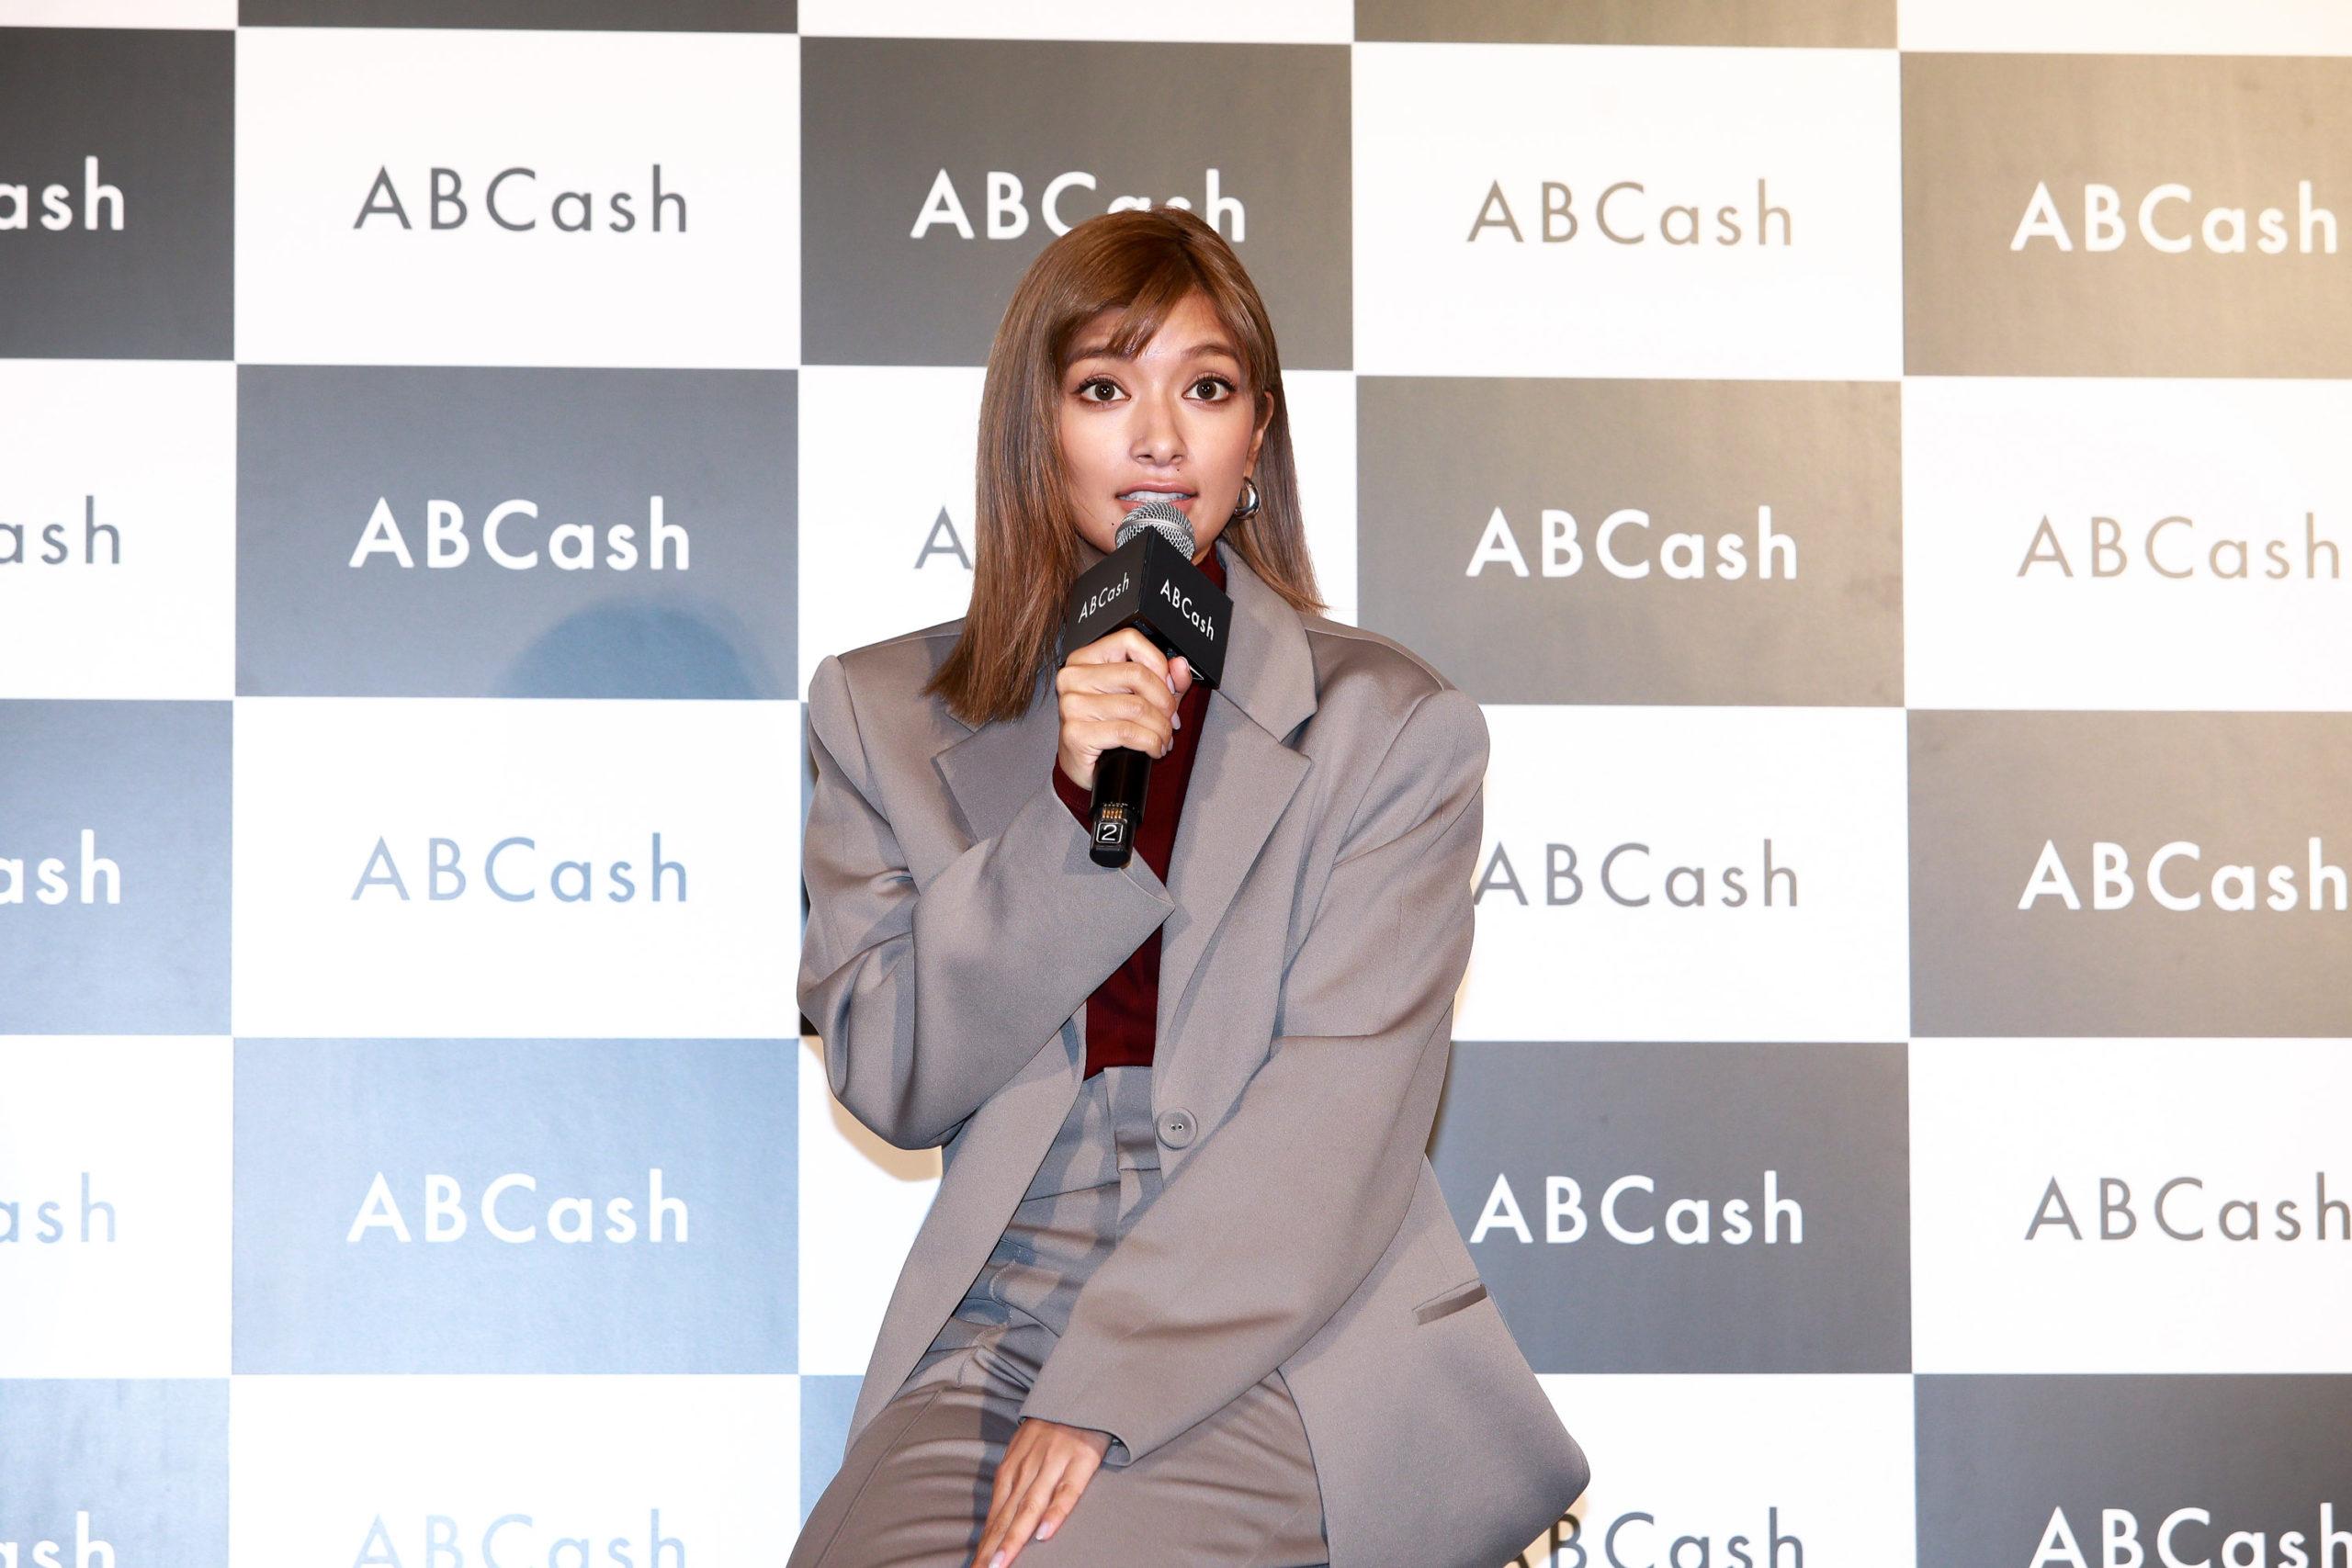 ローラ/『ABCash』ブランドアンバサダー就任イベントにて(2020年2月5日(水)、セルリアンタワー東急ホテル)